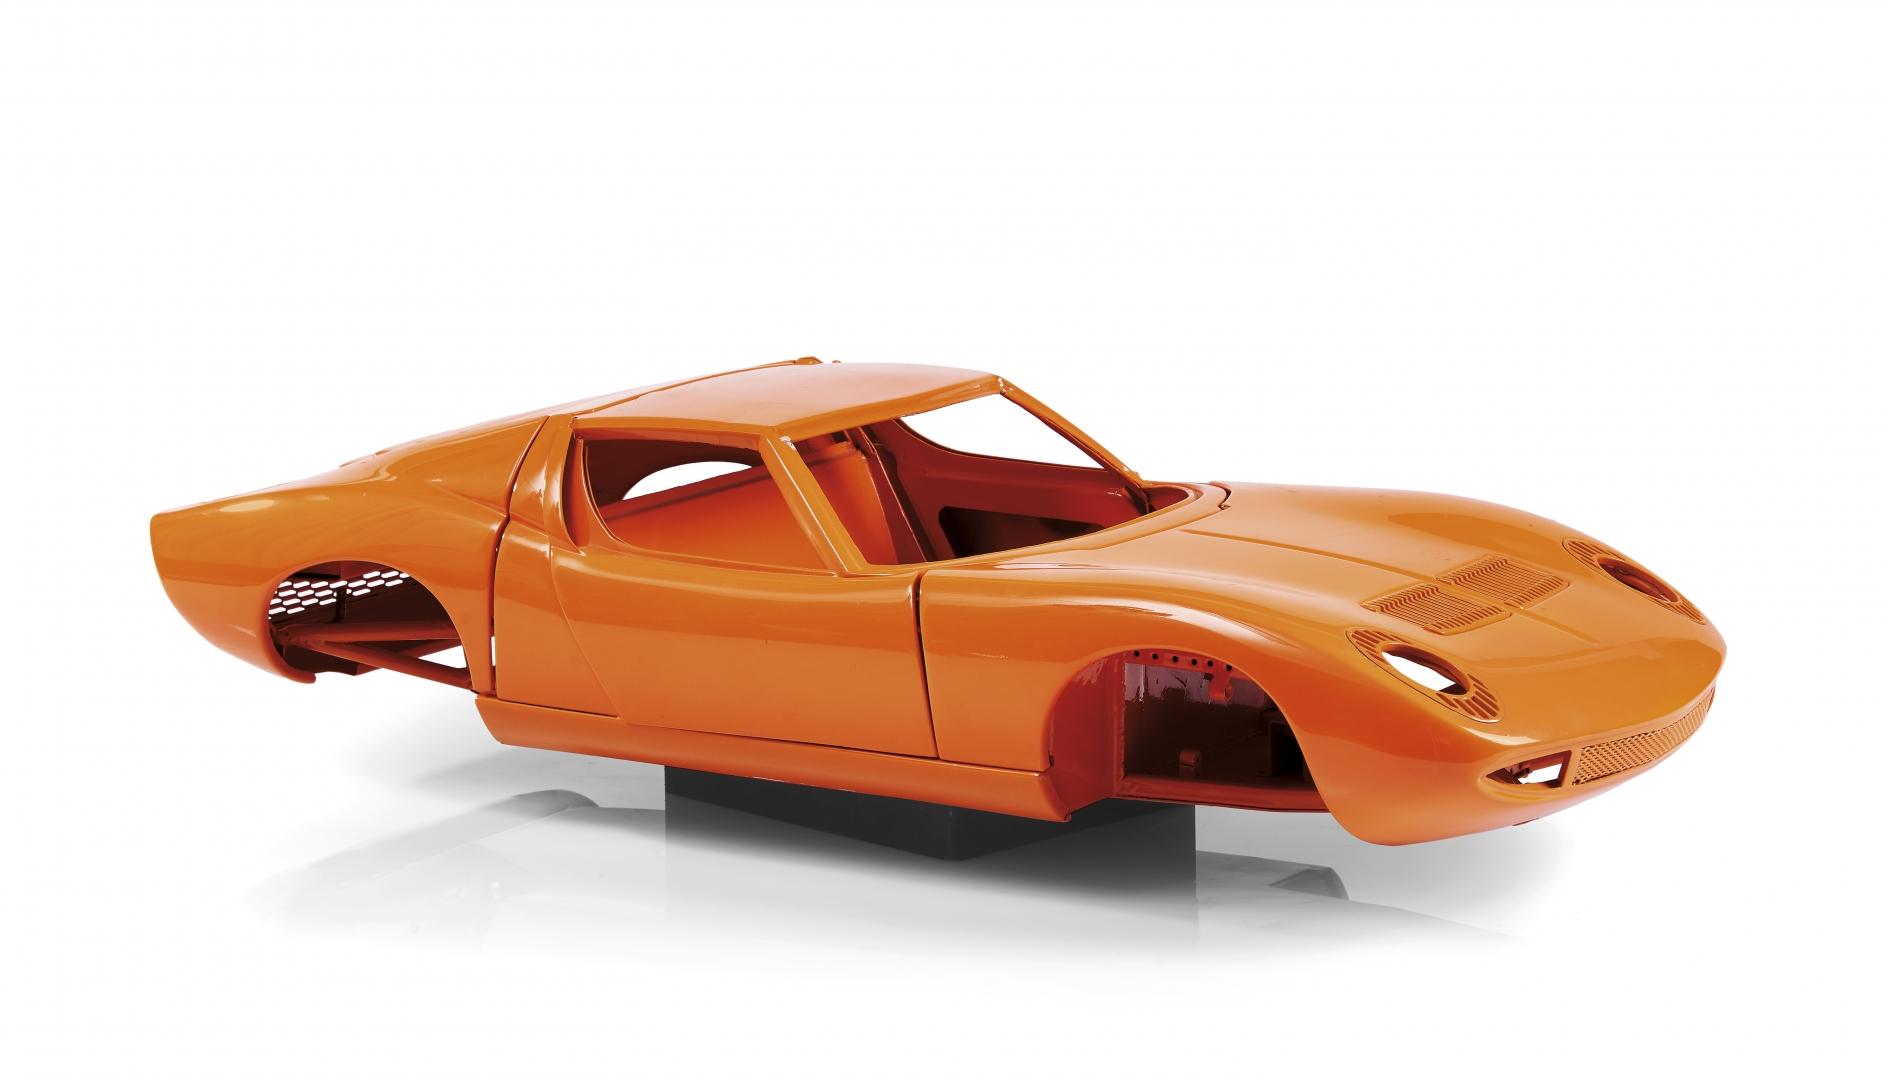 407 9 Seiten Lamborghini 350 Gt